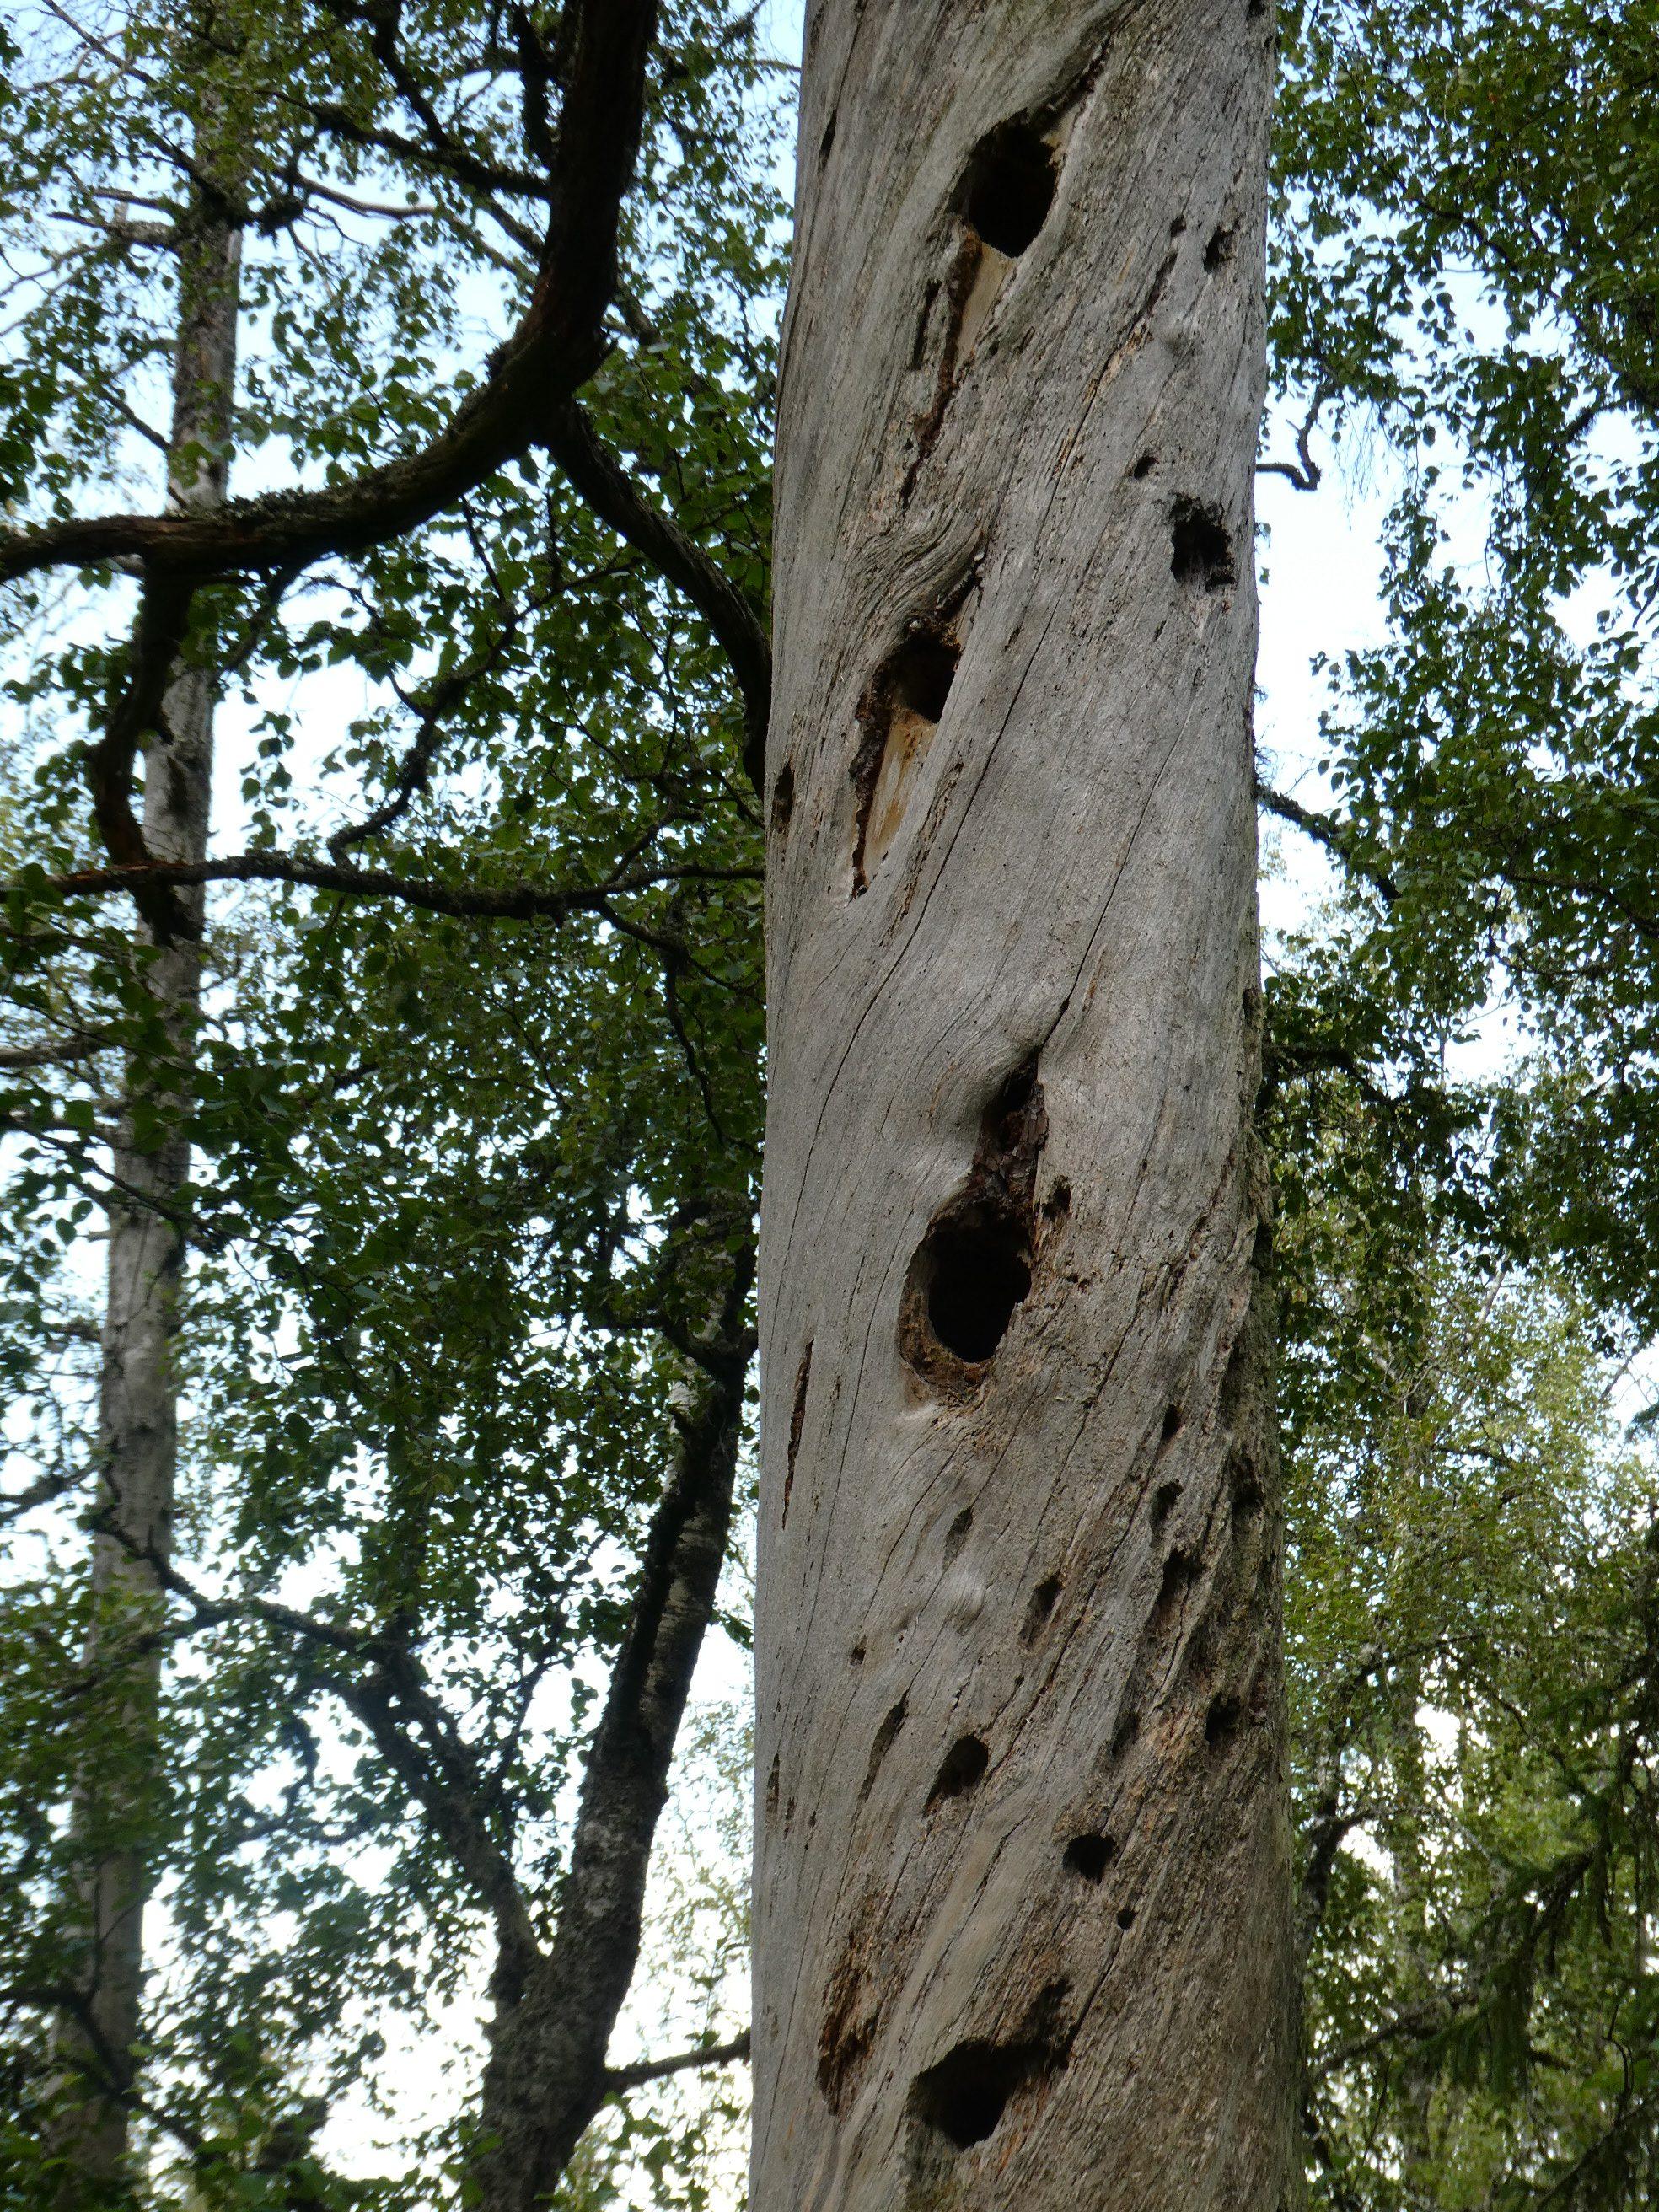 """Olika naturfenomen dyker upp. Varför en del träd är vridväxta finns det olika teorier om. Inget är bevisat. Den här torrfuran har dessutom blivit ett """"flerfamiljshus""""."""